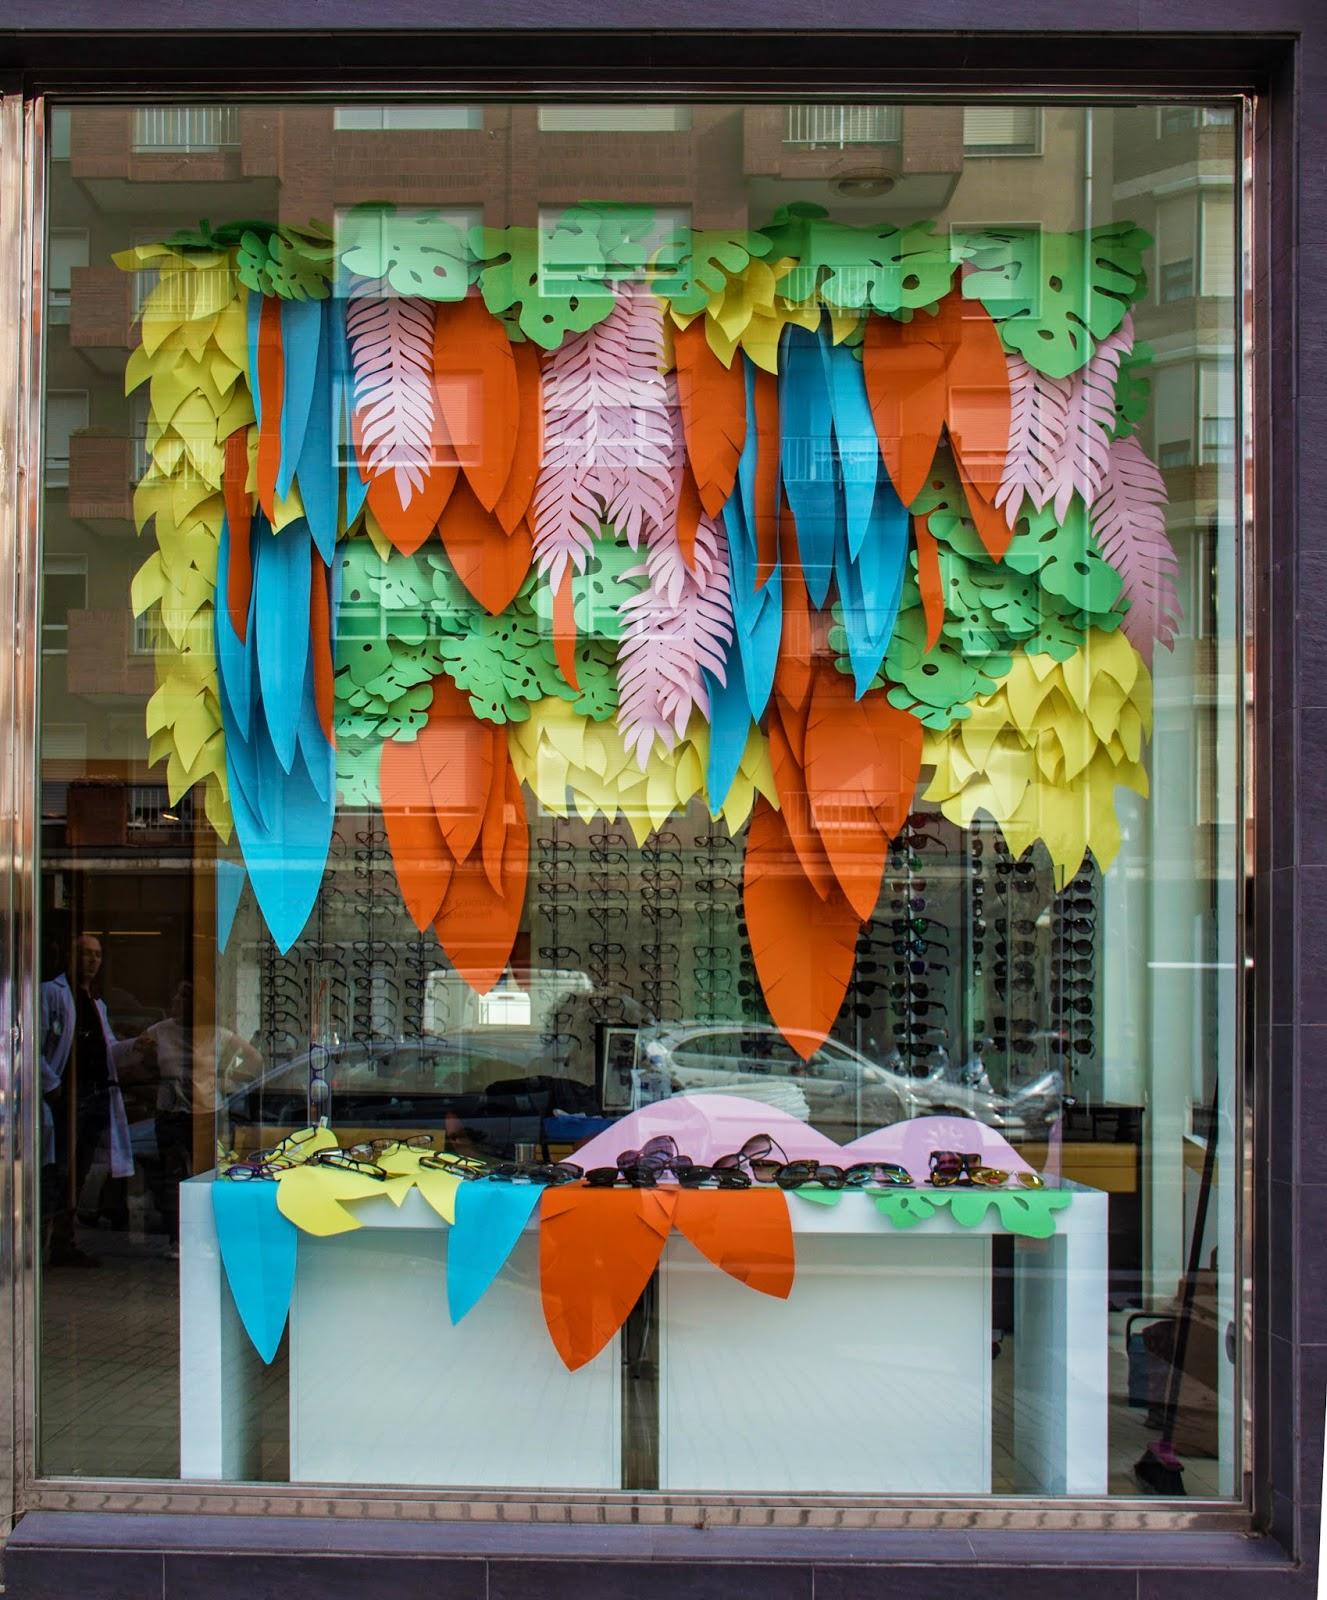 escaparate-verano-optica-renedo-jardin-vertical-flores-hawaianas-hojas-colores-muchos-windows-howcase-escaparatismo-proyecto-colors-flowers-que-tono-de-verde-saron